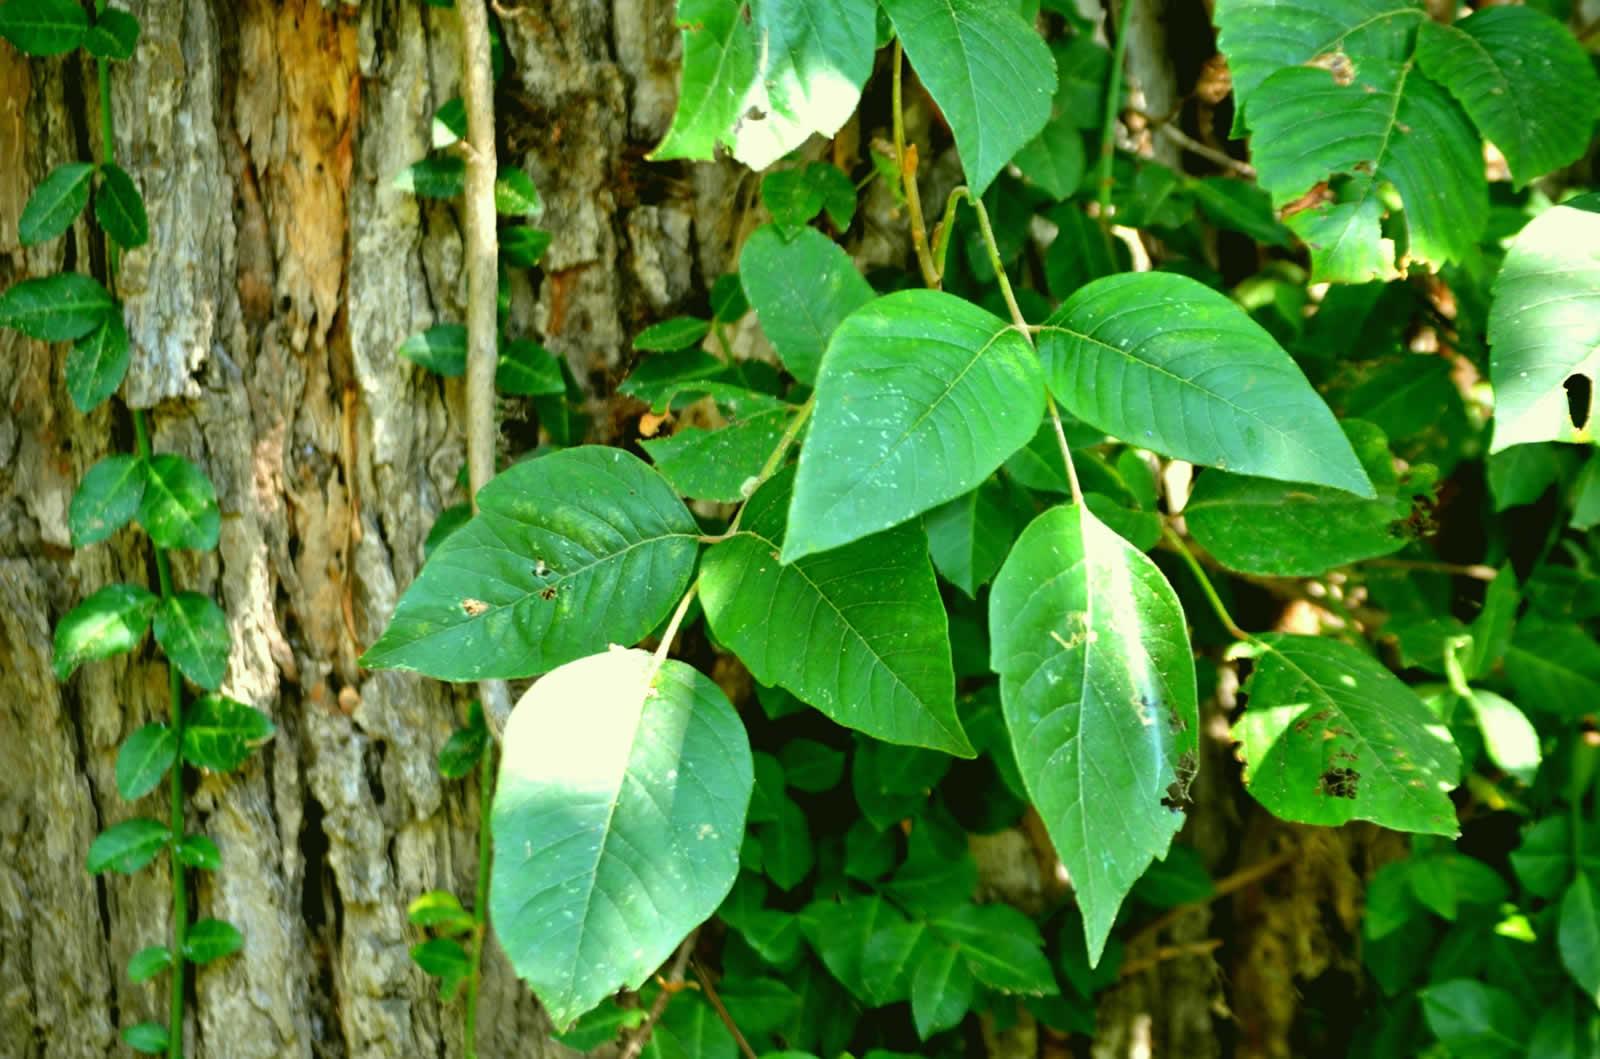 Le Poison Ivy en Georgie Atlanta  Traitement du Poison Ivy